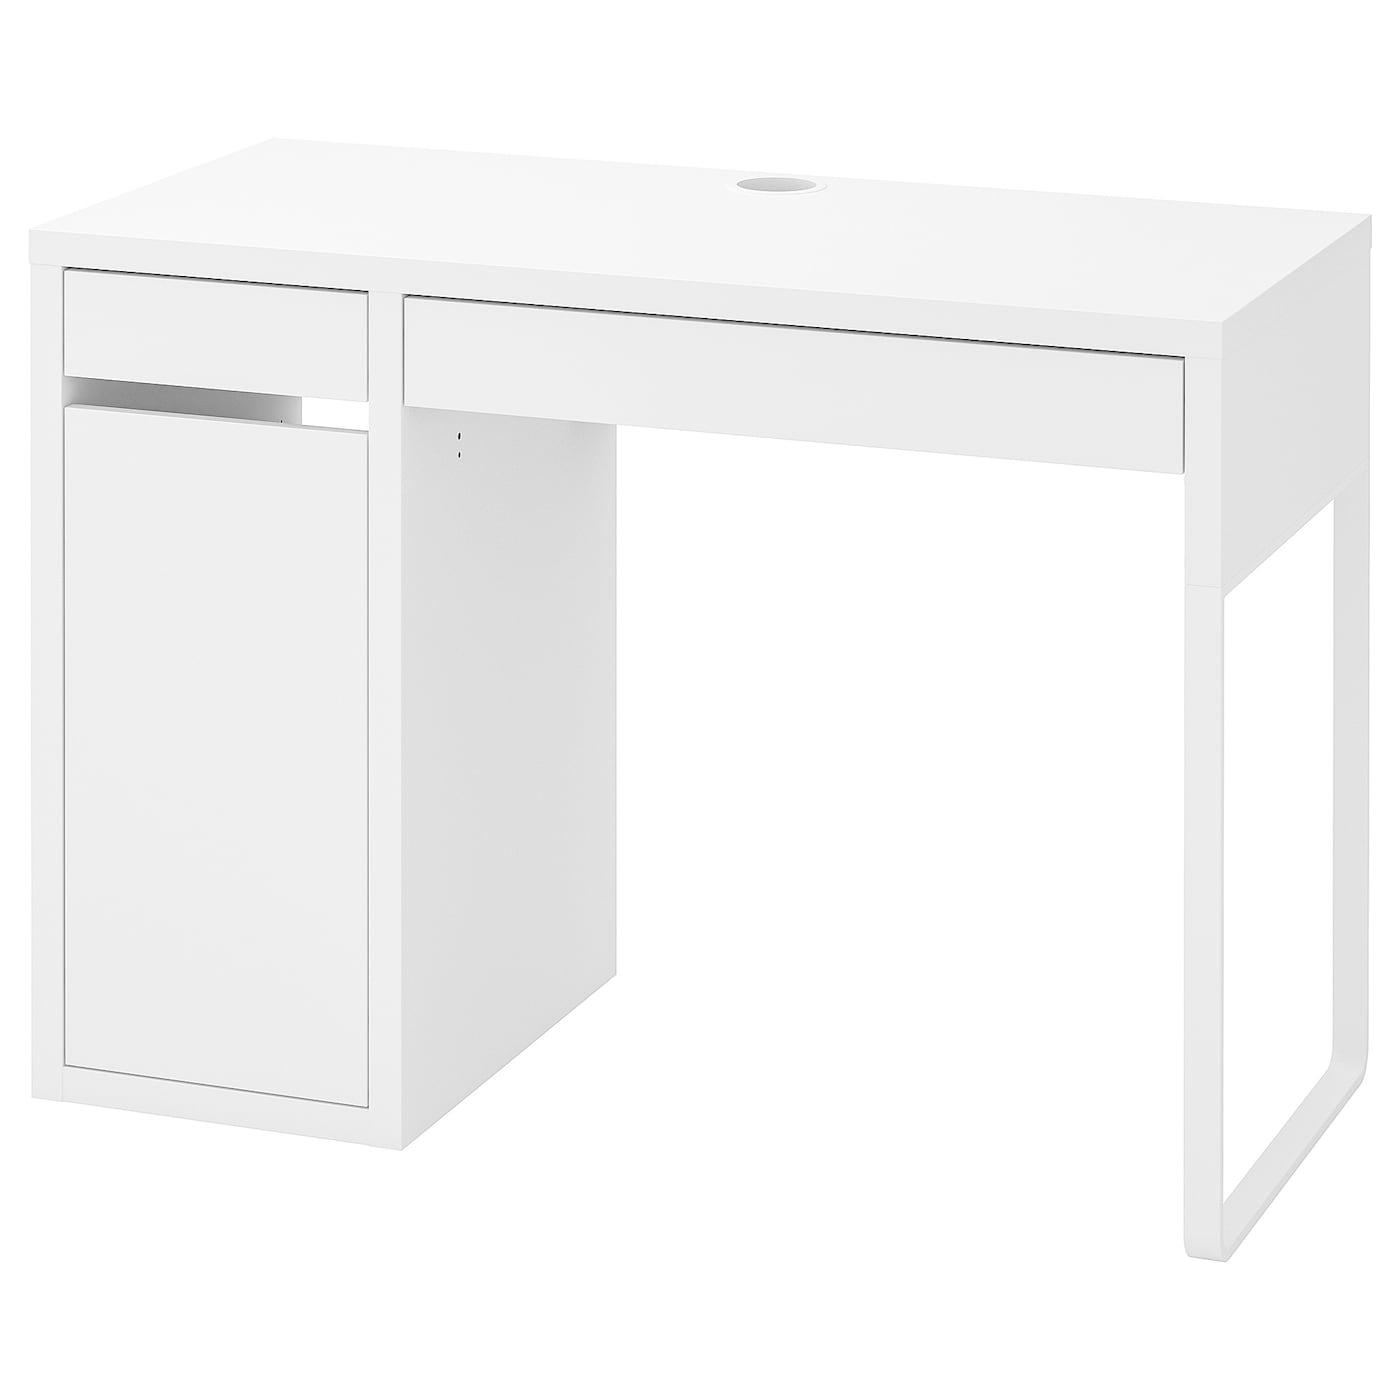 Scrivania Con Cassettiera Ikea micke scrivania - bianco 105x50 cm